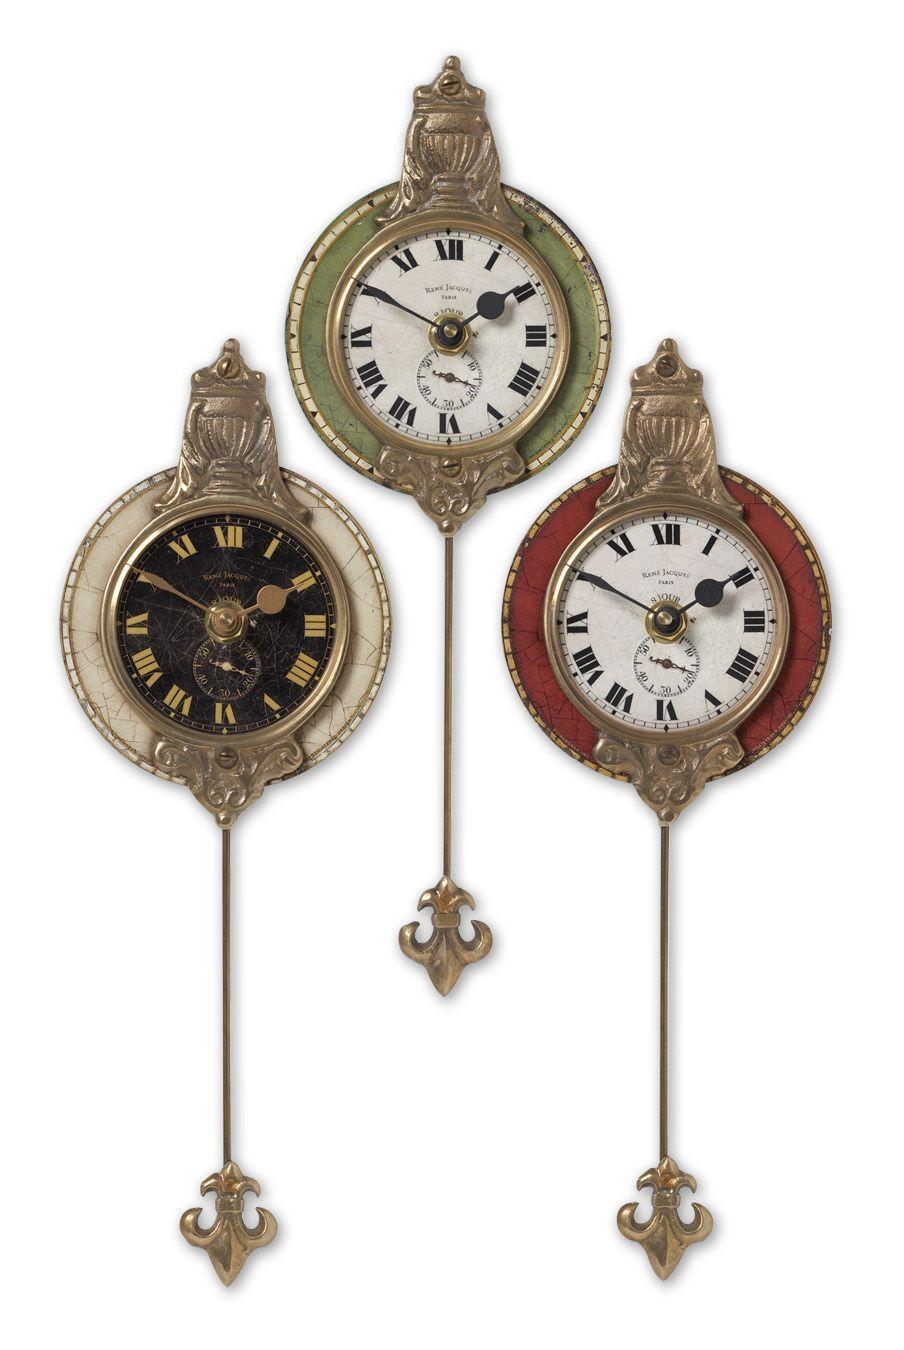 Uttermost Clocks Monarch Clocks Set of 3 - Item Number: 06046